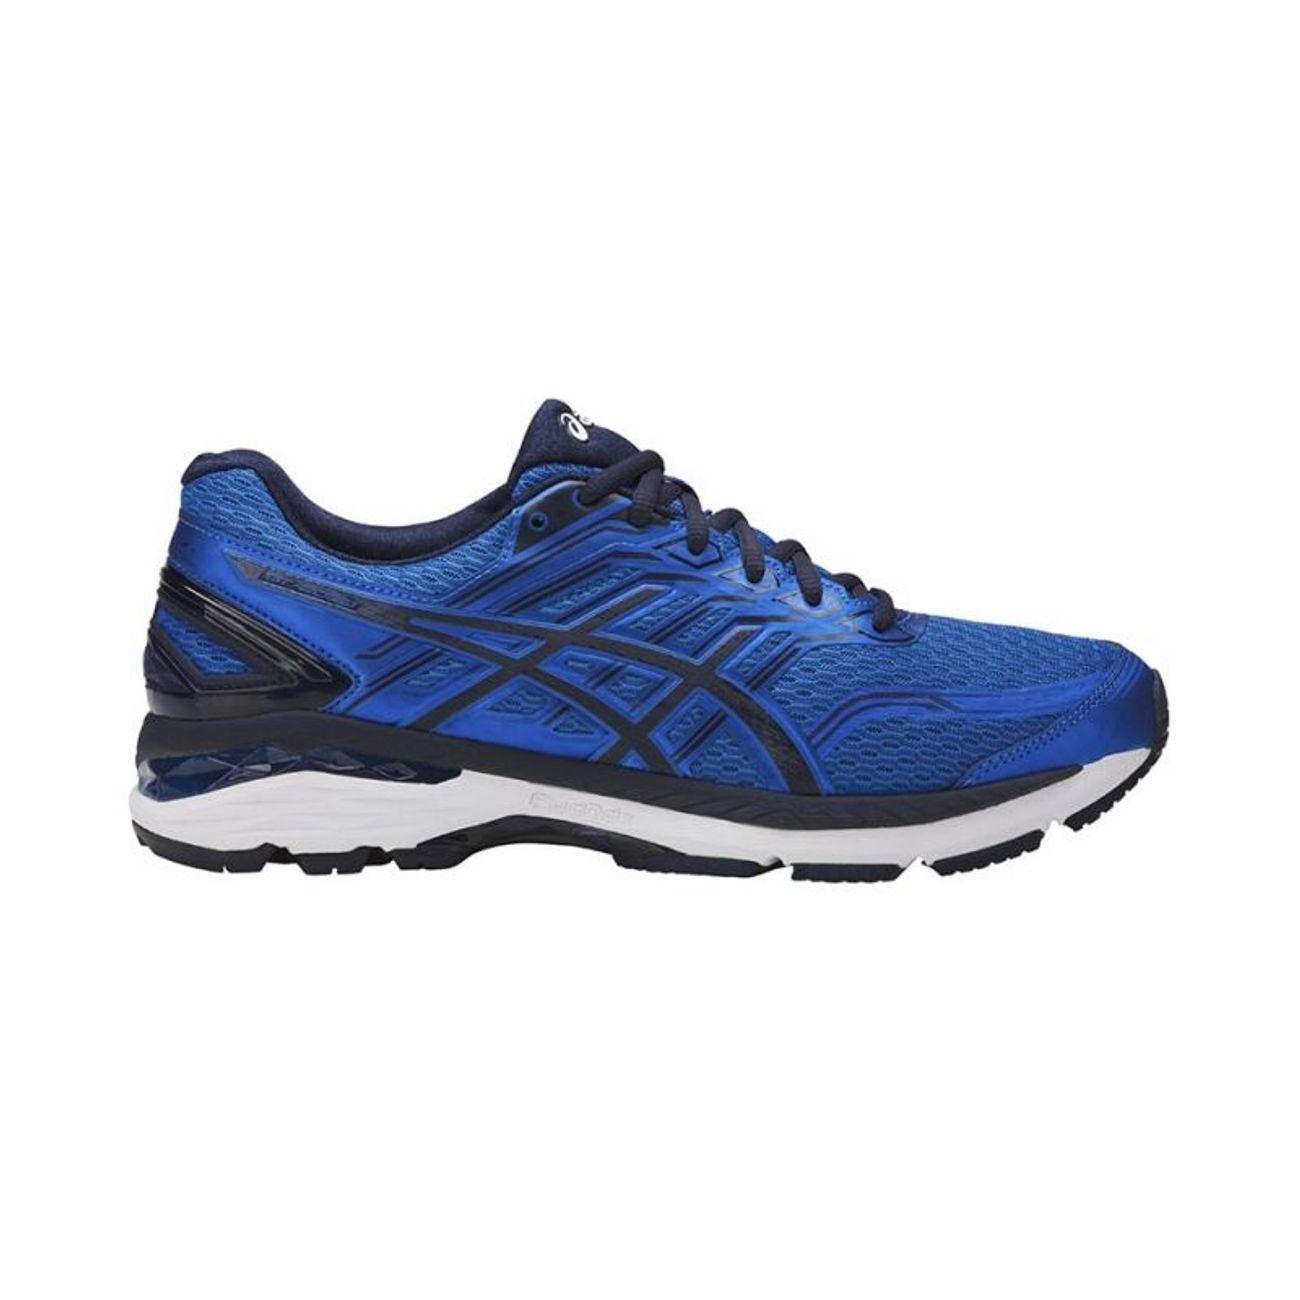 Adulte 4358 2000 Bleu Running 5 Asics Gt Noir T707n qUjLMVpGSz